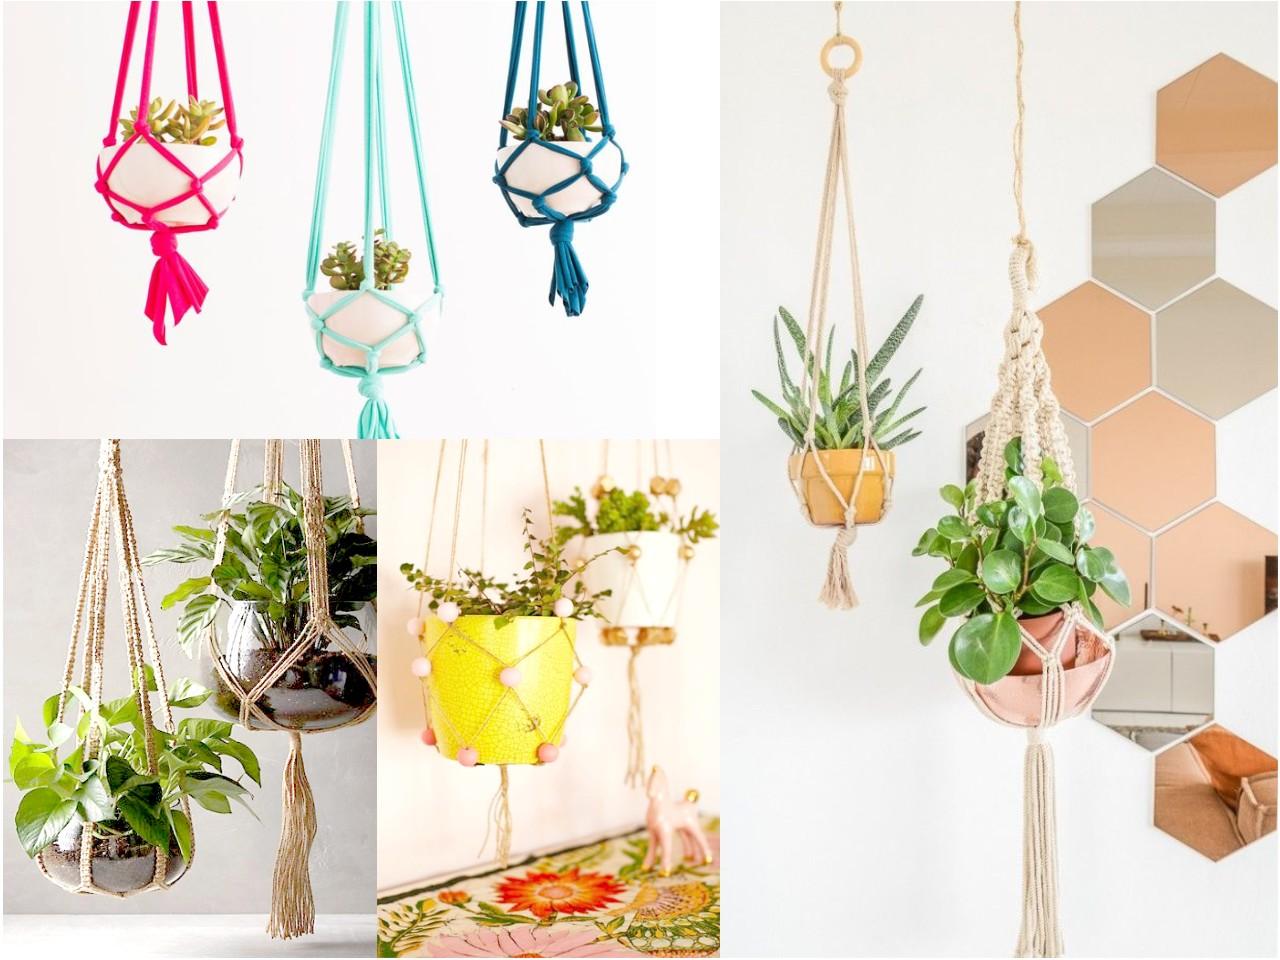 decoracin con macram y plantas colgantes - Plantas Colgantes